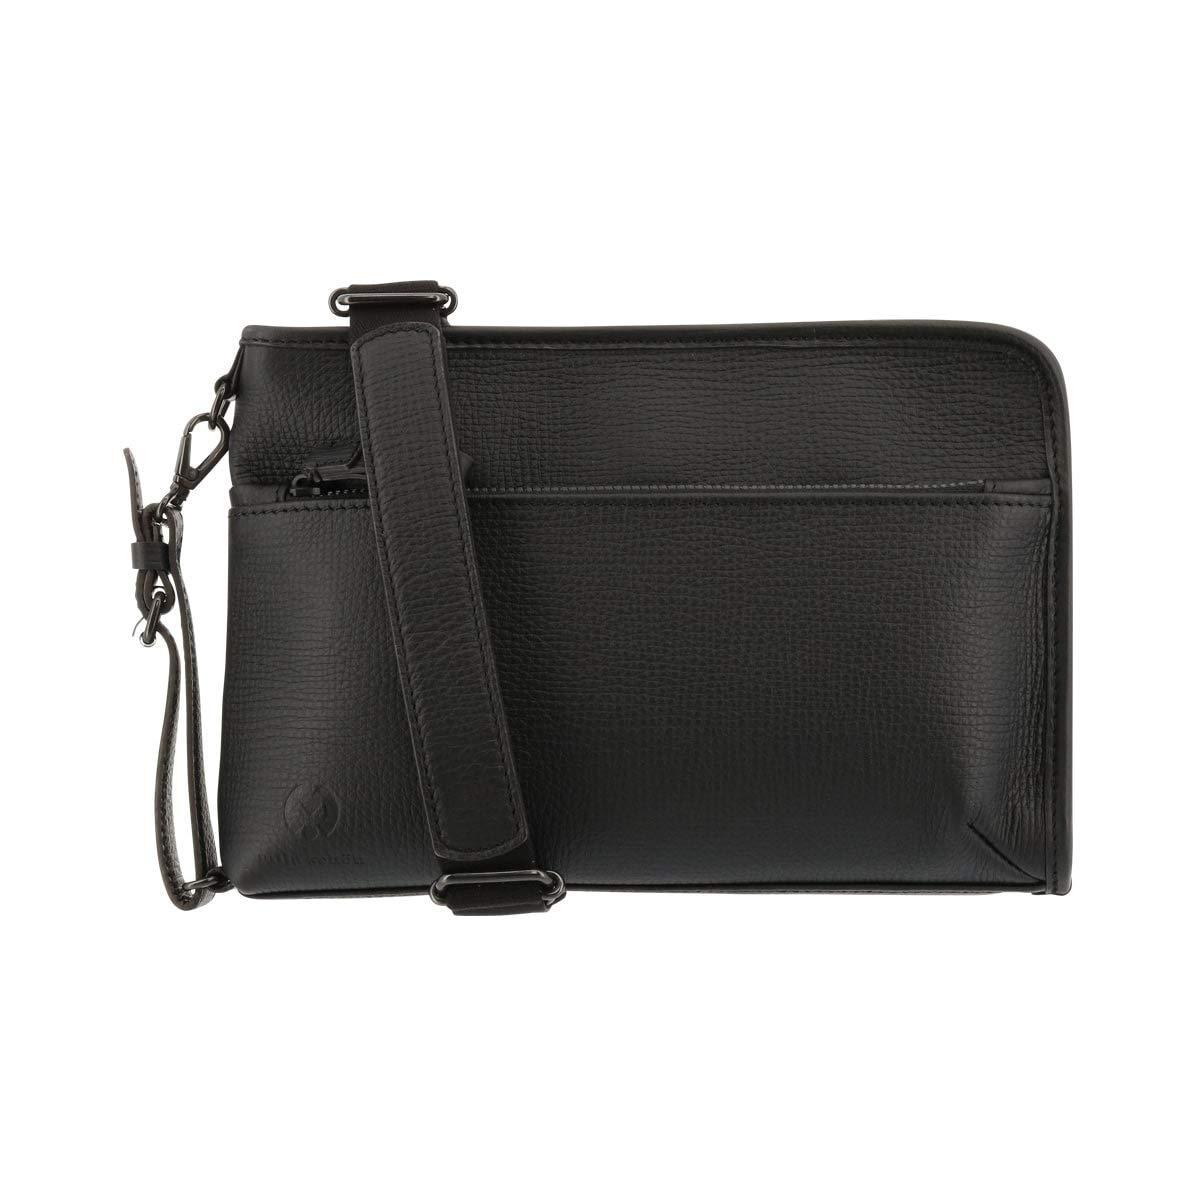 [ミラショーン] クラッチバッグ メンズ 日本製 バル 291151 B07H4Z56Y5 【01】ブラック